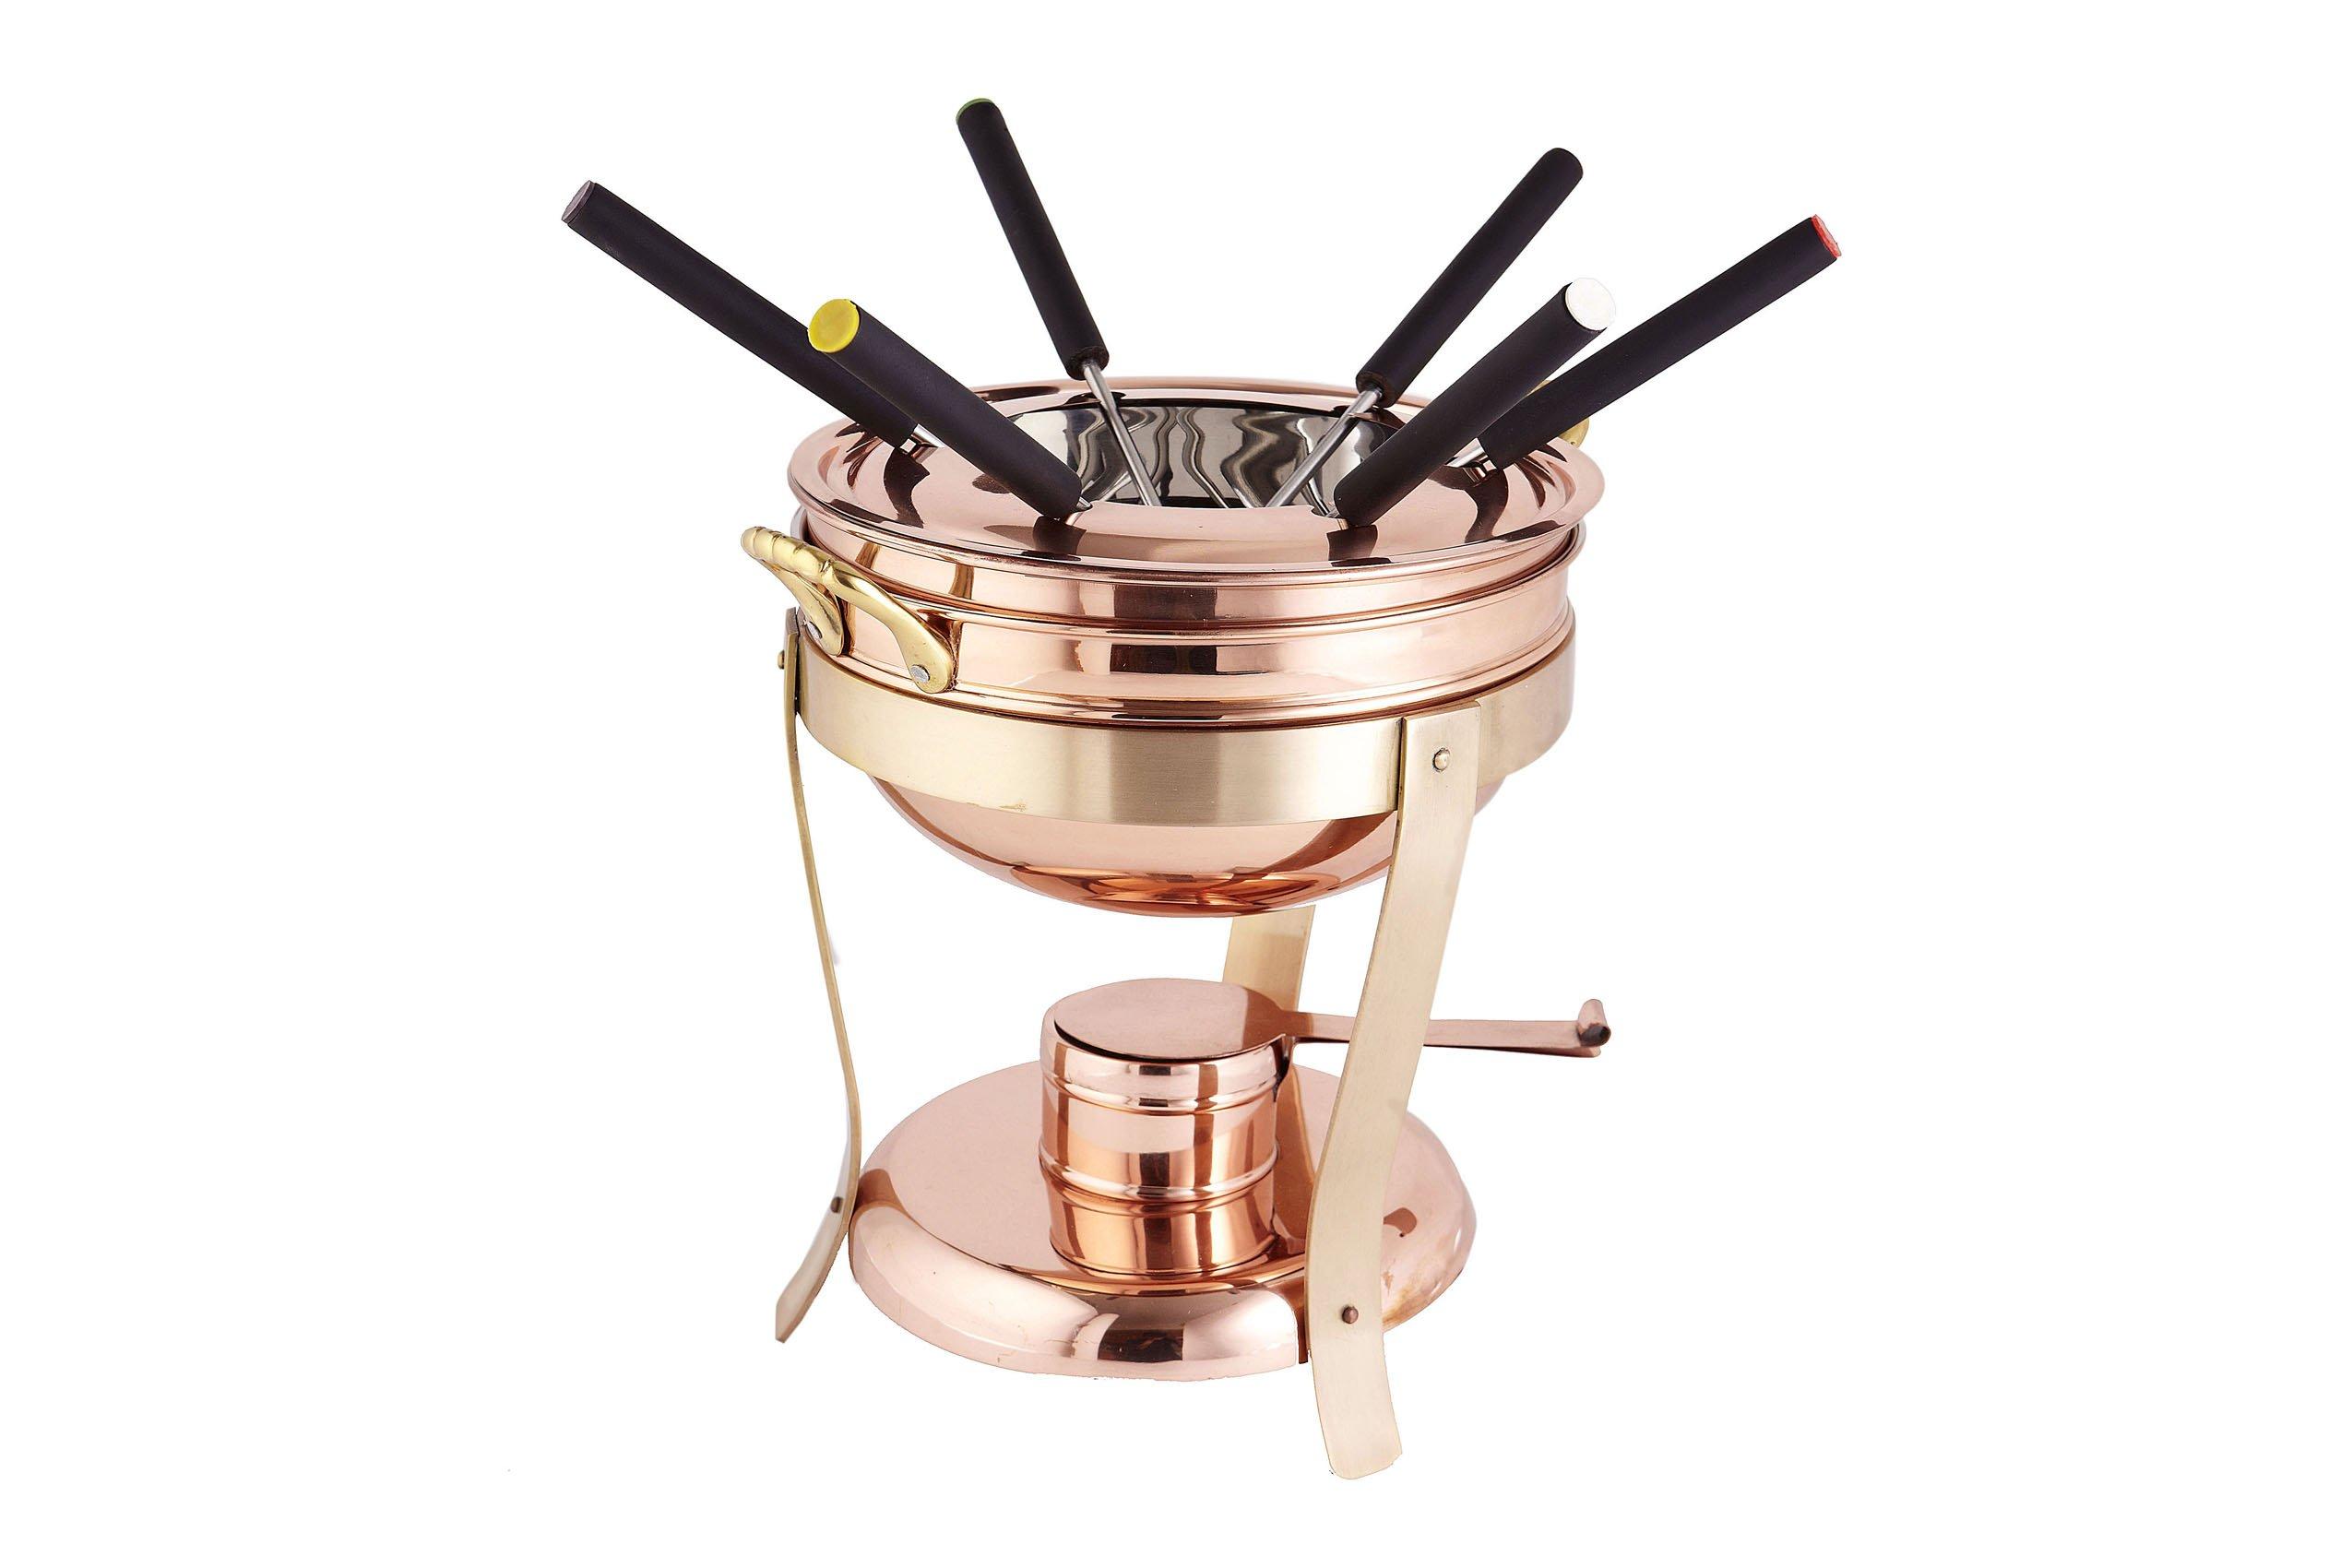 Décor Copper & Brass Fondue Set, 2.75 qt.